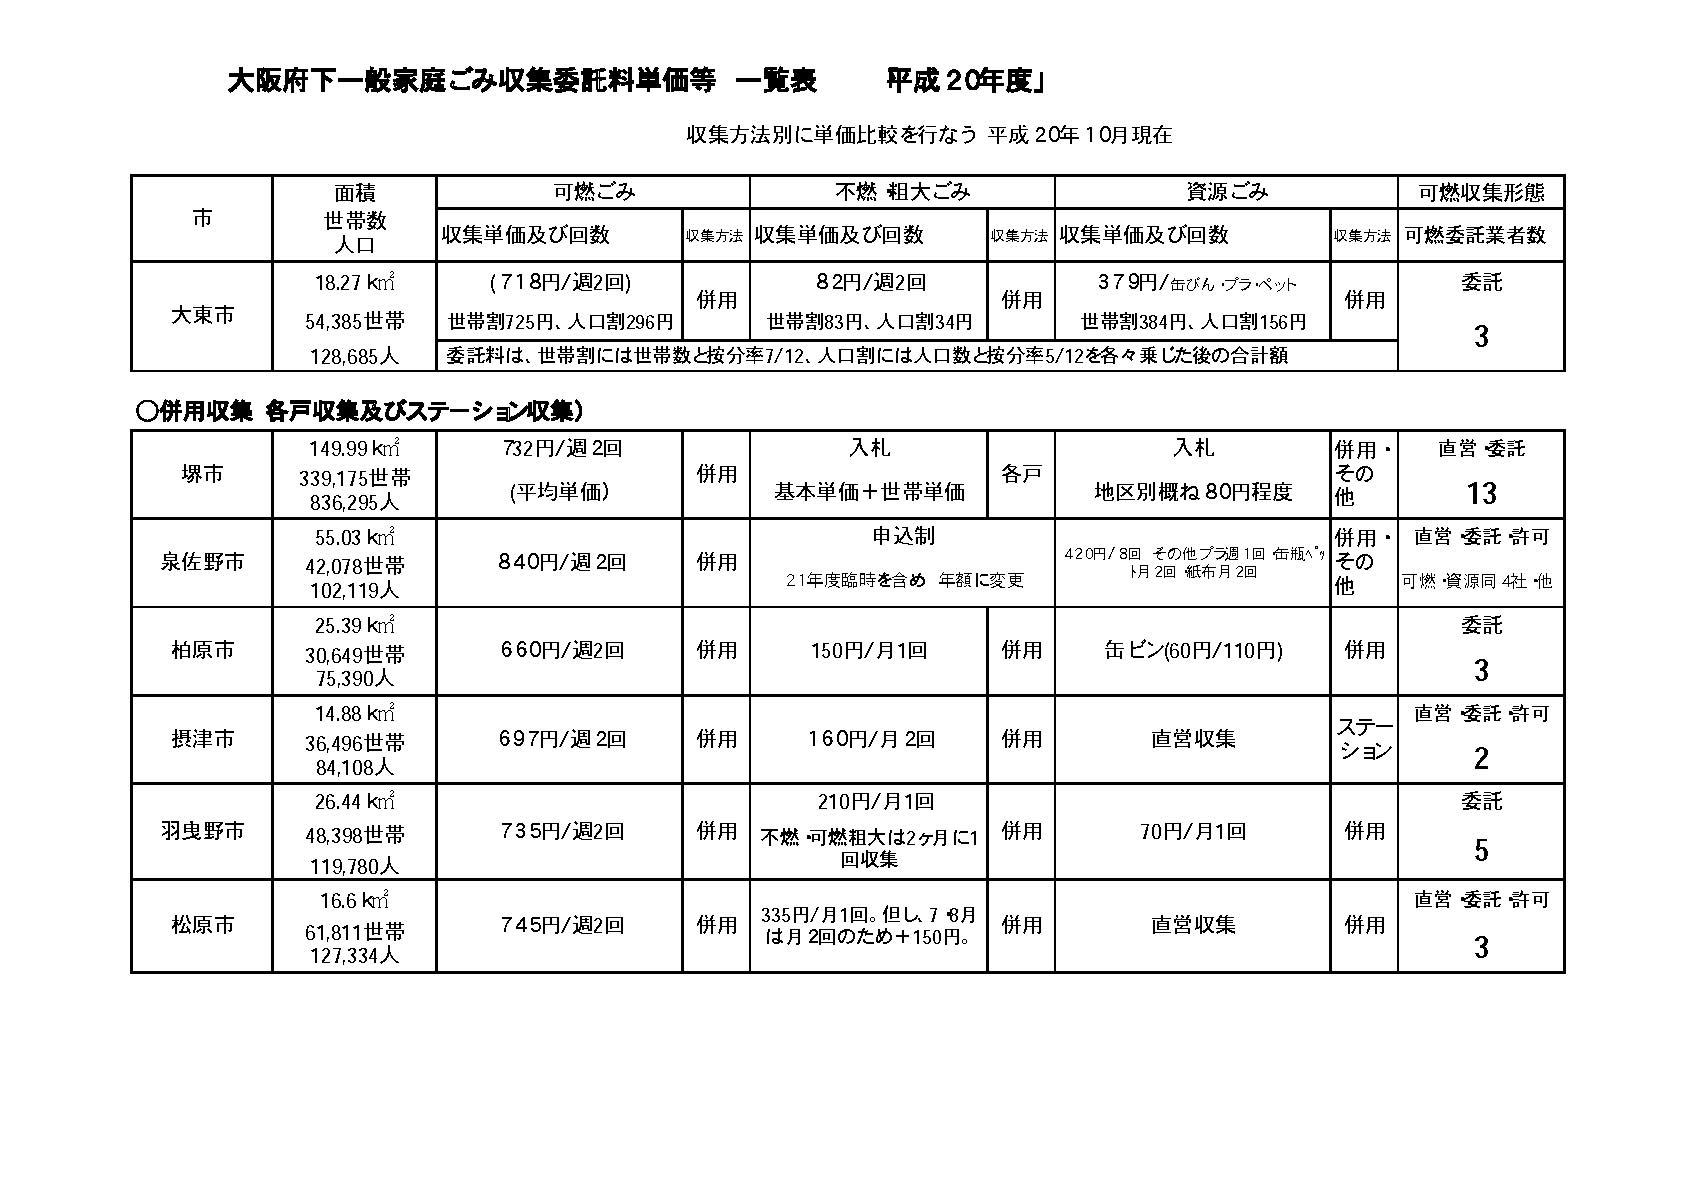 [勝訴]ごみ収集 公文書非公開決定取消請求 - 平成21年 [地裁] (行ウ) 第92号 - 公開資料1